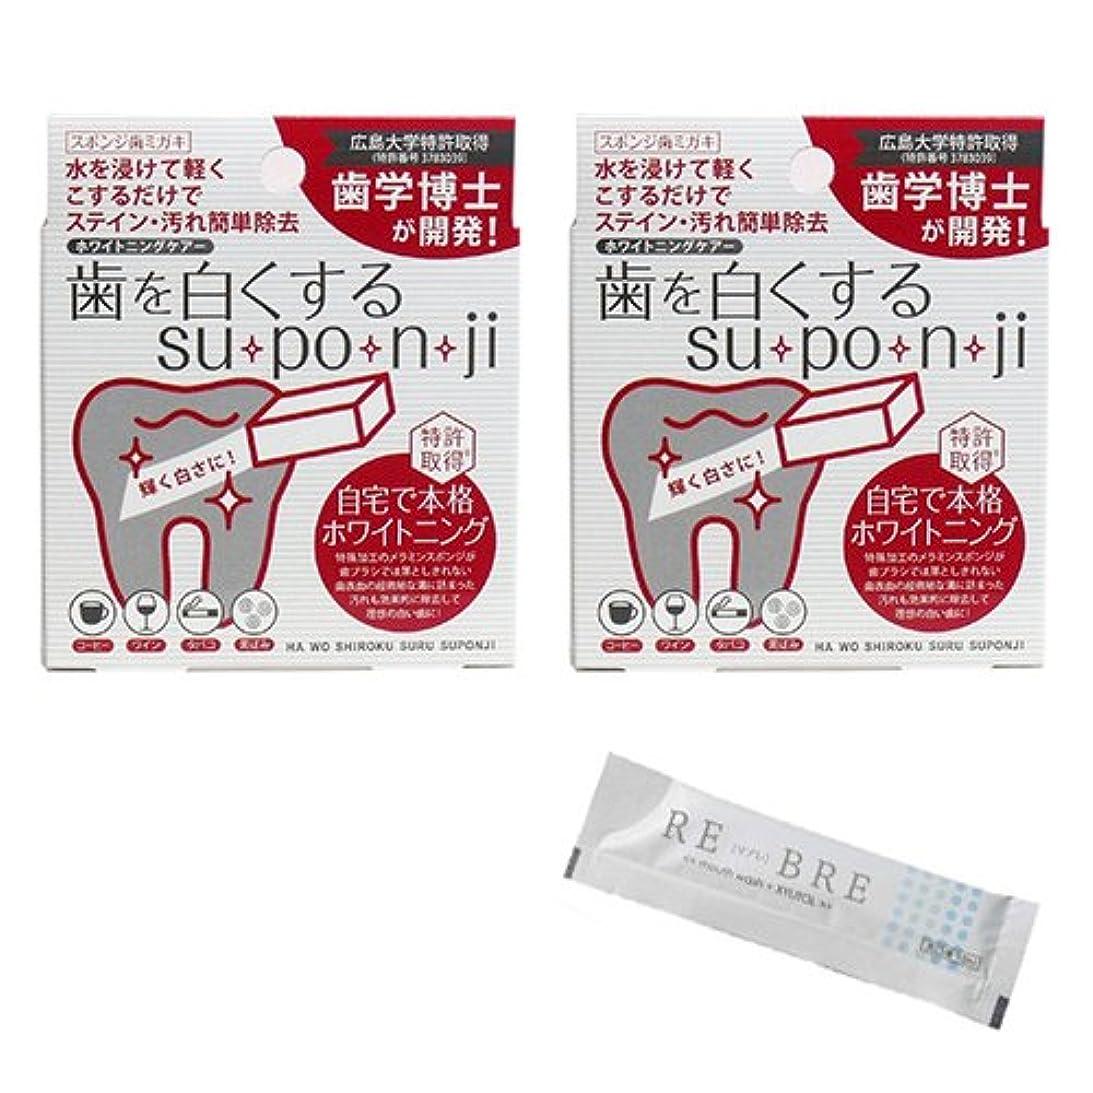 拍手する服を着る予約歯を白くする su?po?n?ji スポンジ 歯みがき ×2個 + リブレ(10ml)セット